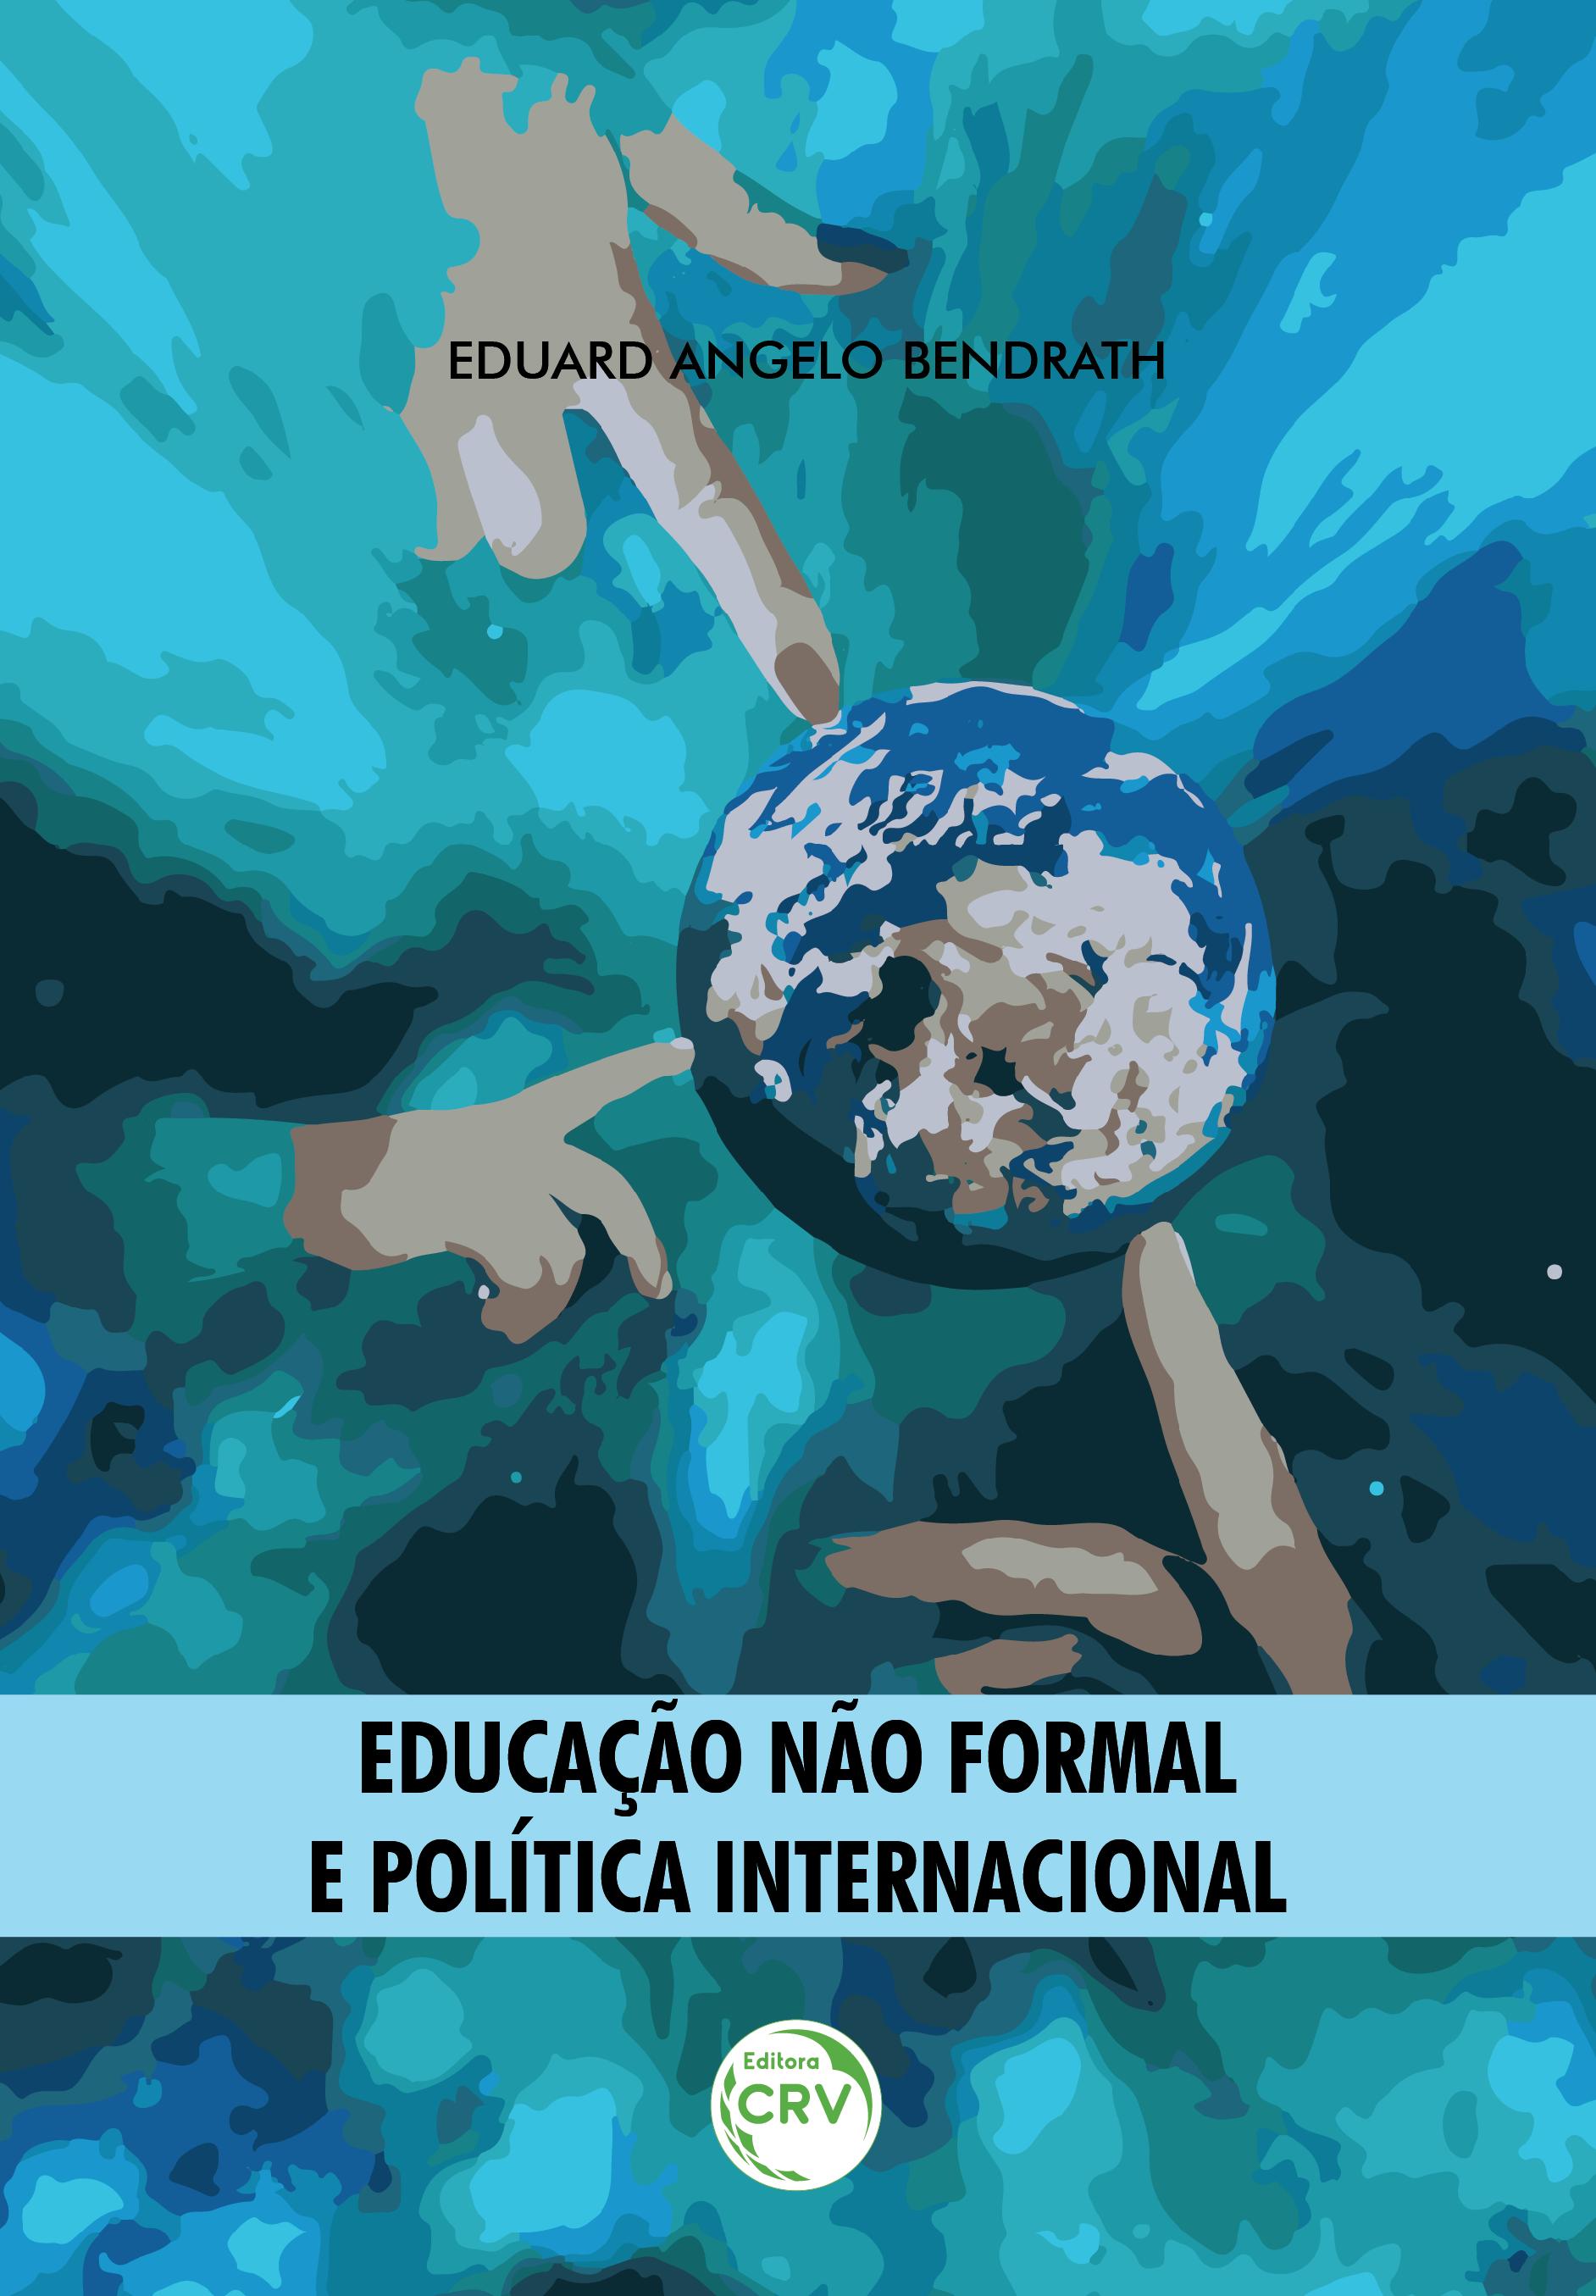 Capa do livro: EDUCAÇÃO NÃO FORMAL E POLÍTICA INTERNACIONAL